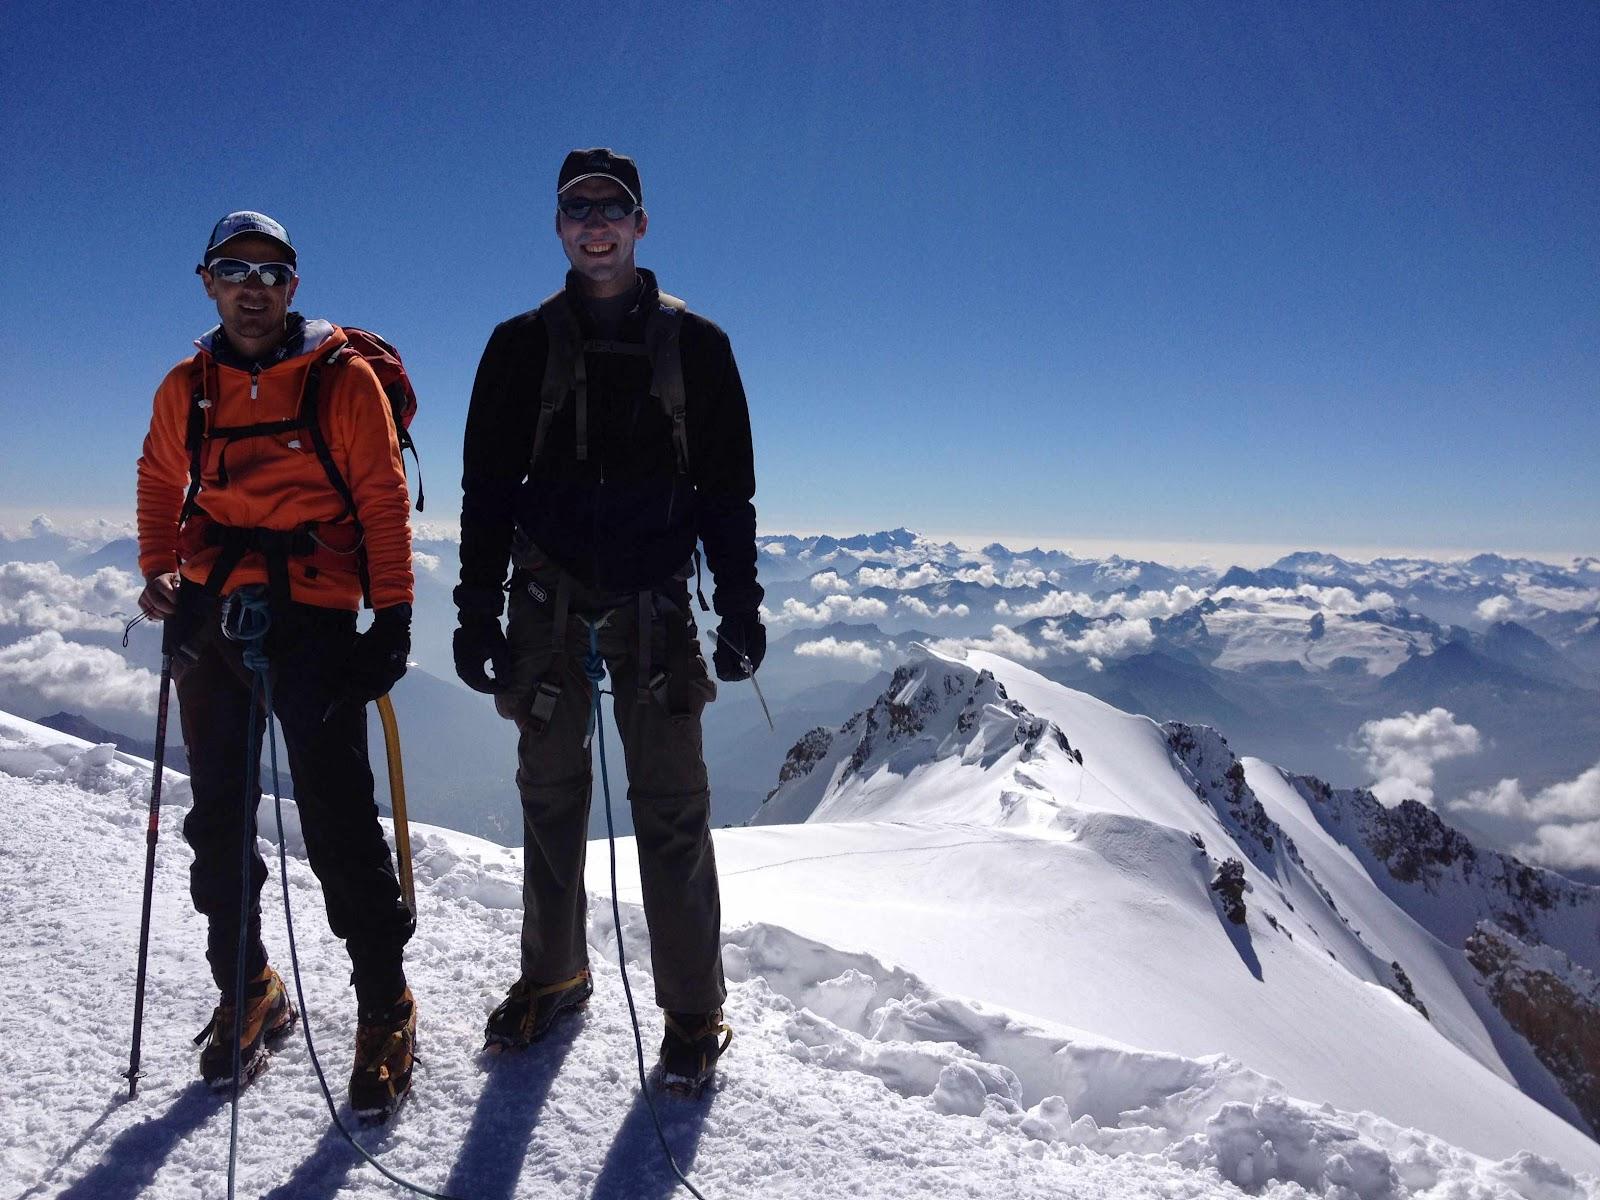 quentin delavignette guide de haute montagne uiagm le mont blanc 4810m